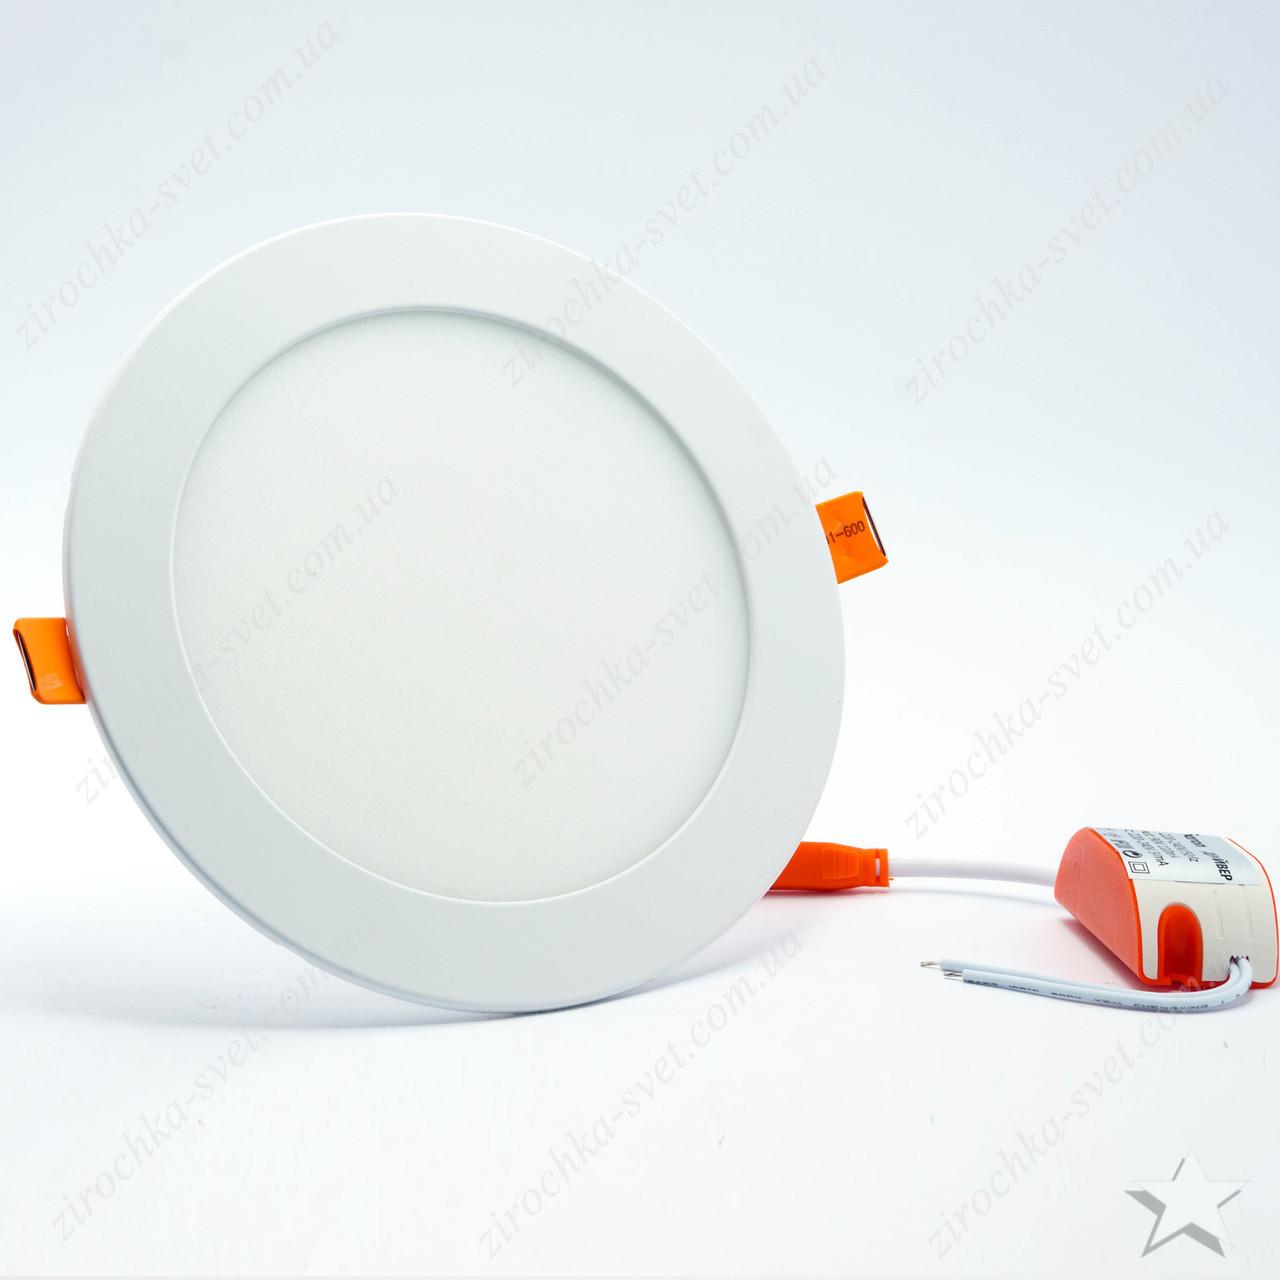 Светильник светодиодный встраиваемый 24w Feron AL510 OL 4000К (встр. диаметр = 285мм)